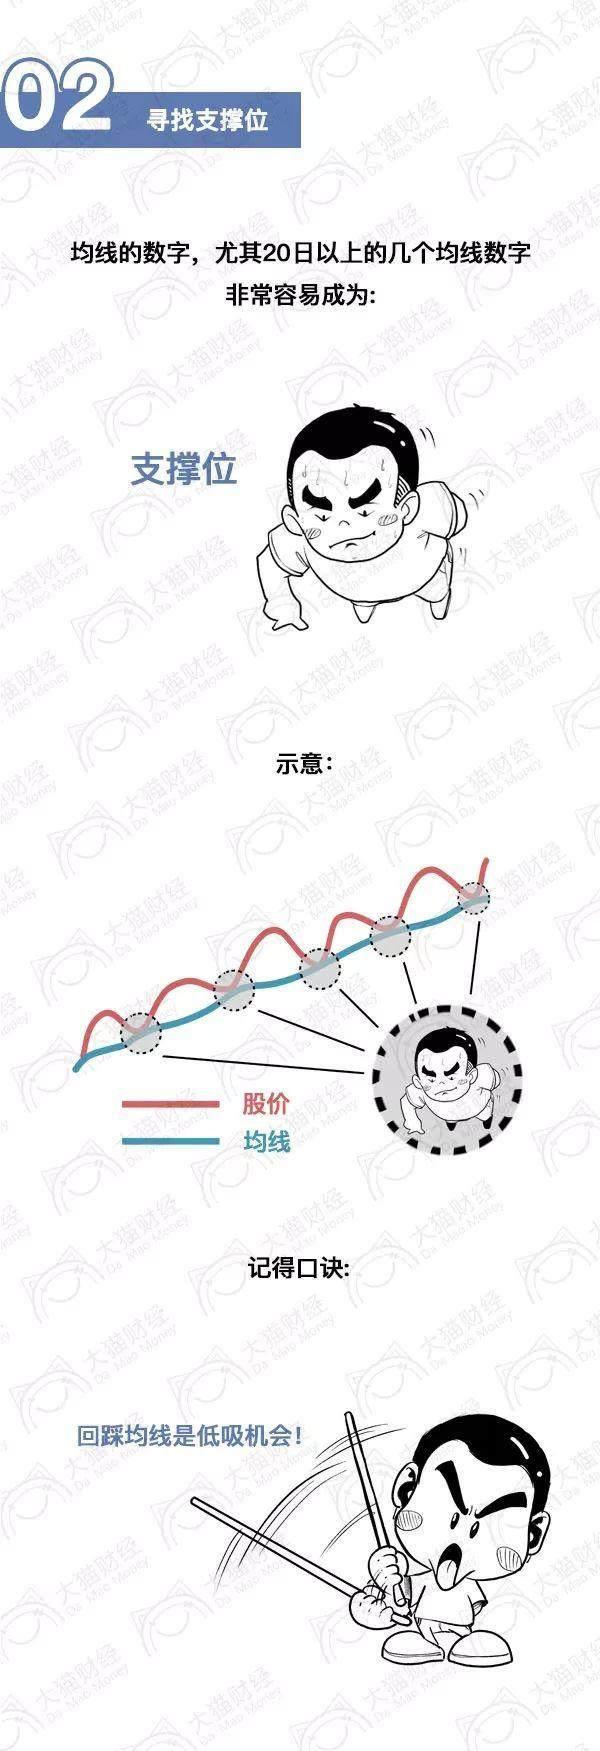 """「漫画」一分钟选好股?股市里最精准的""""一根均线"""""""